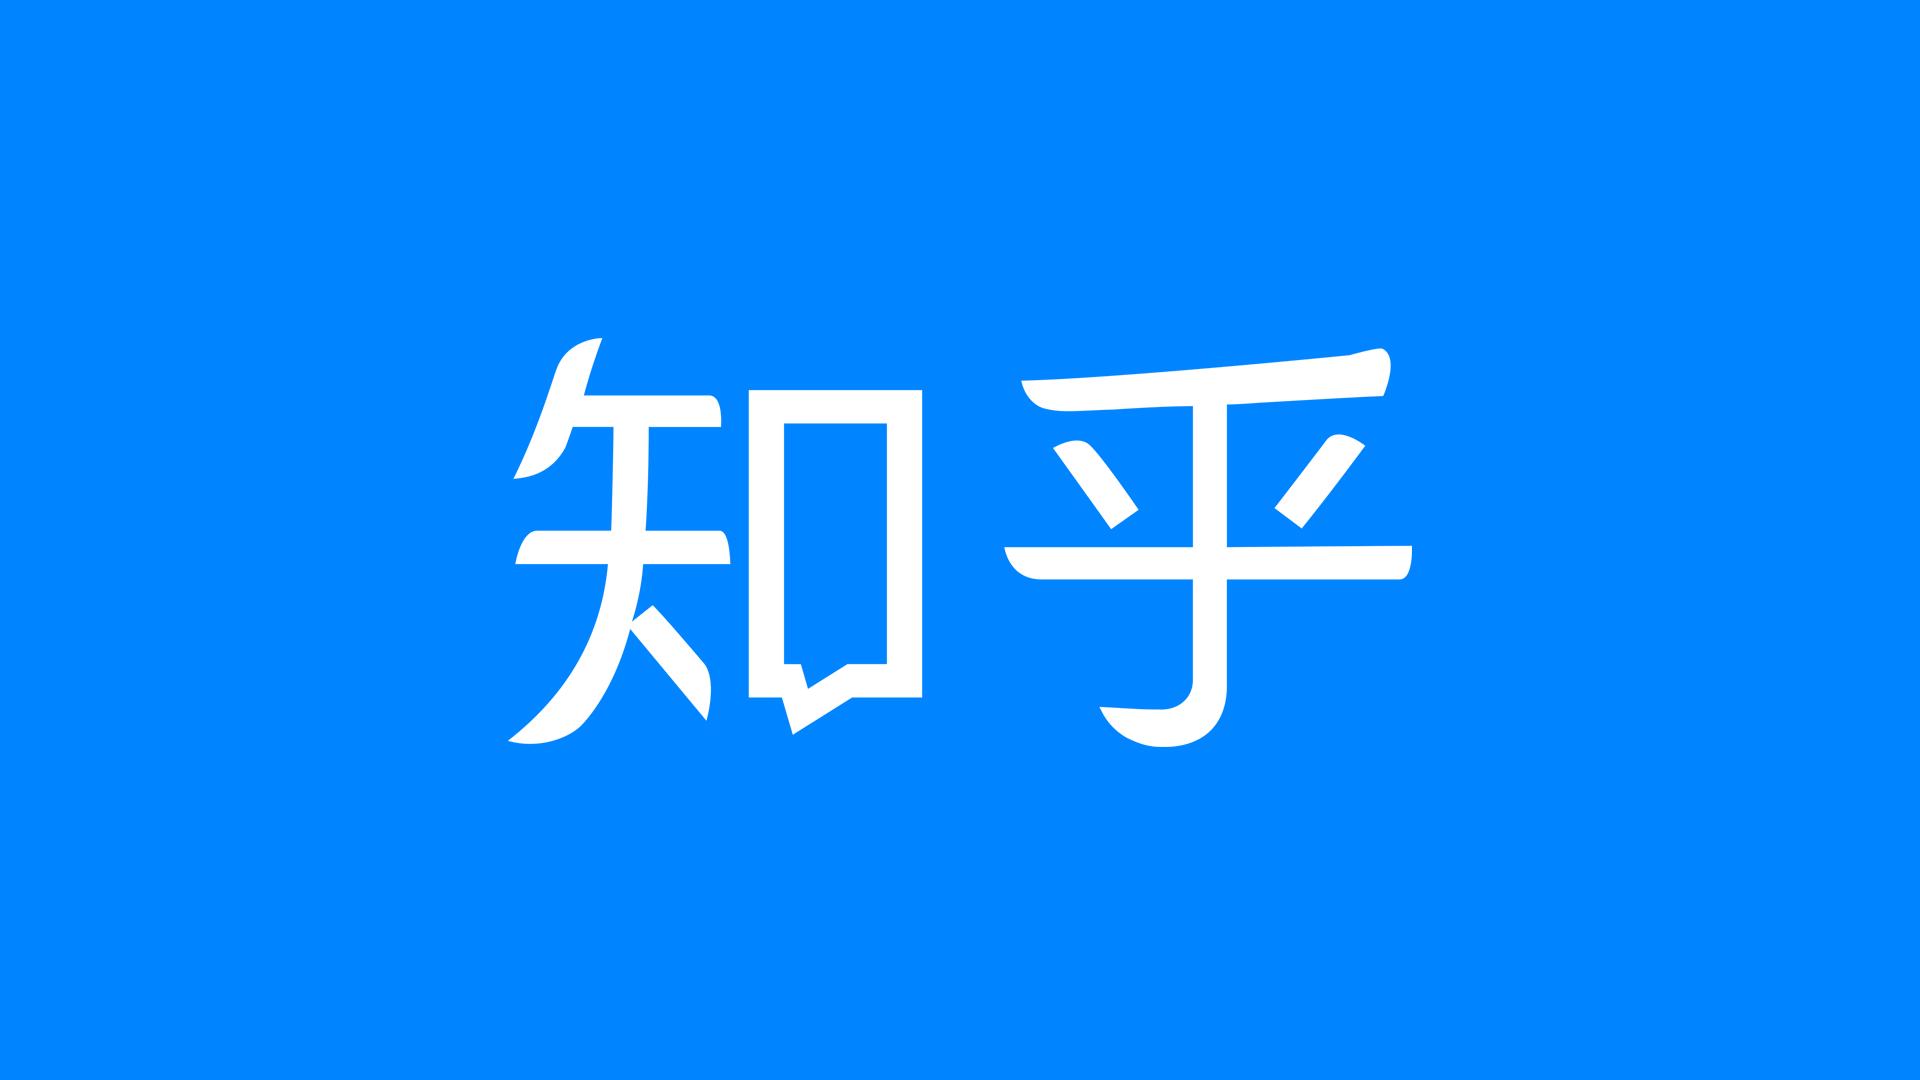 知乎設計五款新的品牌形象Logo方案征集網友意見-深圳VI設計